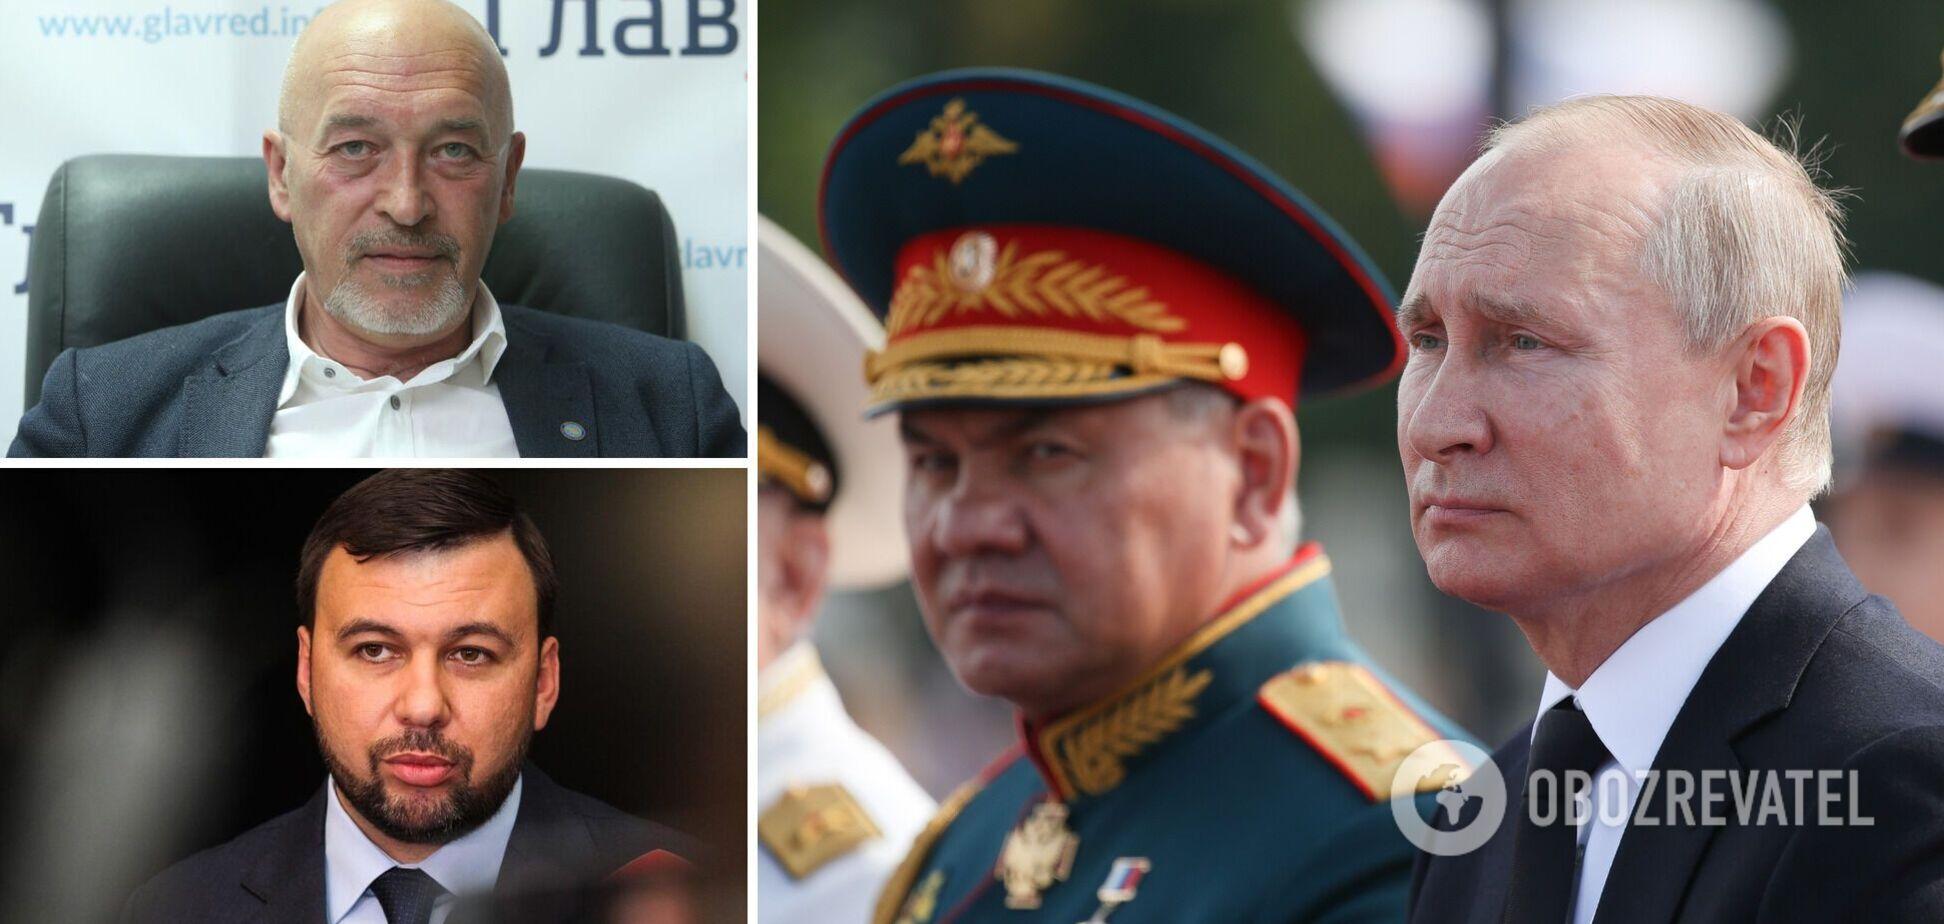 Пушилин заявил о развязке конфликта на Донбассе: Тука объяснил, что за этим стоит